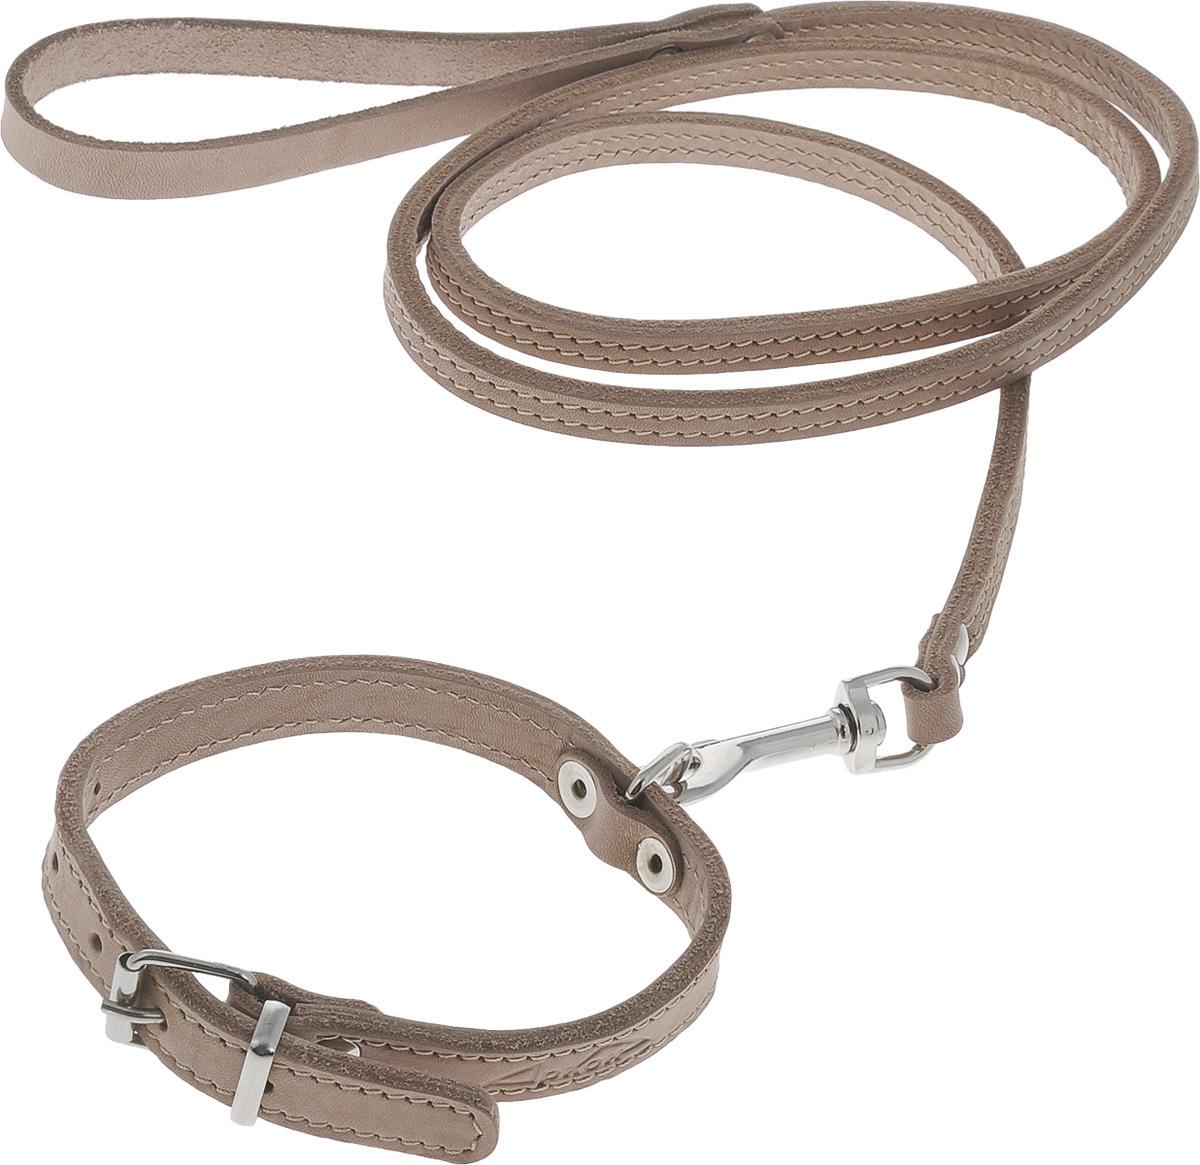 Комплект для собак Аркон Стандарт №7, цвет: светло-коричневый, 2 предметак7Комплект для животных Аркон Стандарт №7 состоит из ошейника и поводка. Изделия изготовлены из высококачественного металла и прошитой в два слоя натуральной кожи. Надежная конструкция обеспечит вашему четвероногому другу комфортную и безопасную прогулку. Такой комплект подходит для мелких и средних пород собак. Длина поводка: 1,4 м. Ширина поводка: 1 см. Обхват шеи: 25 - 33 см. Ширина ошейника: 1,6 см.